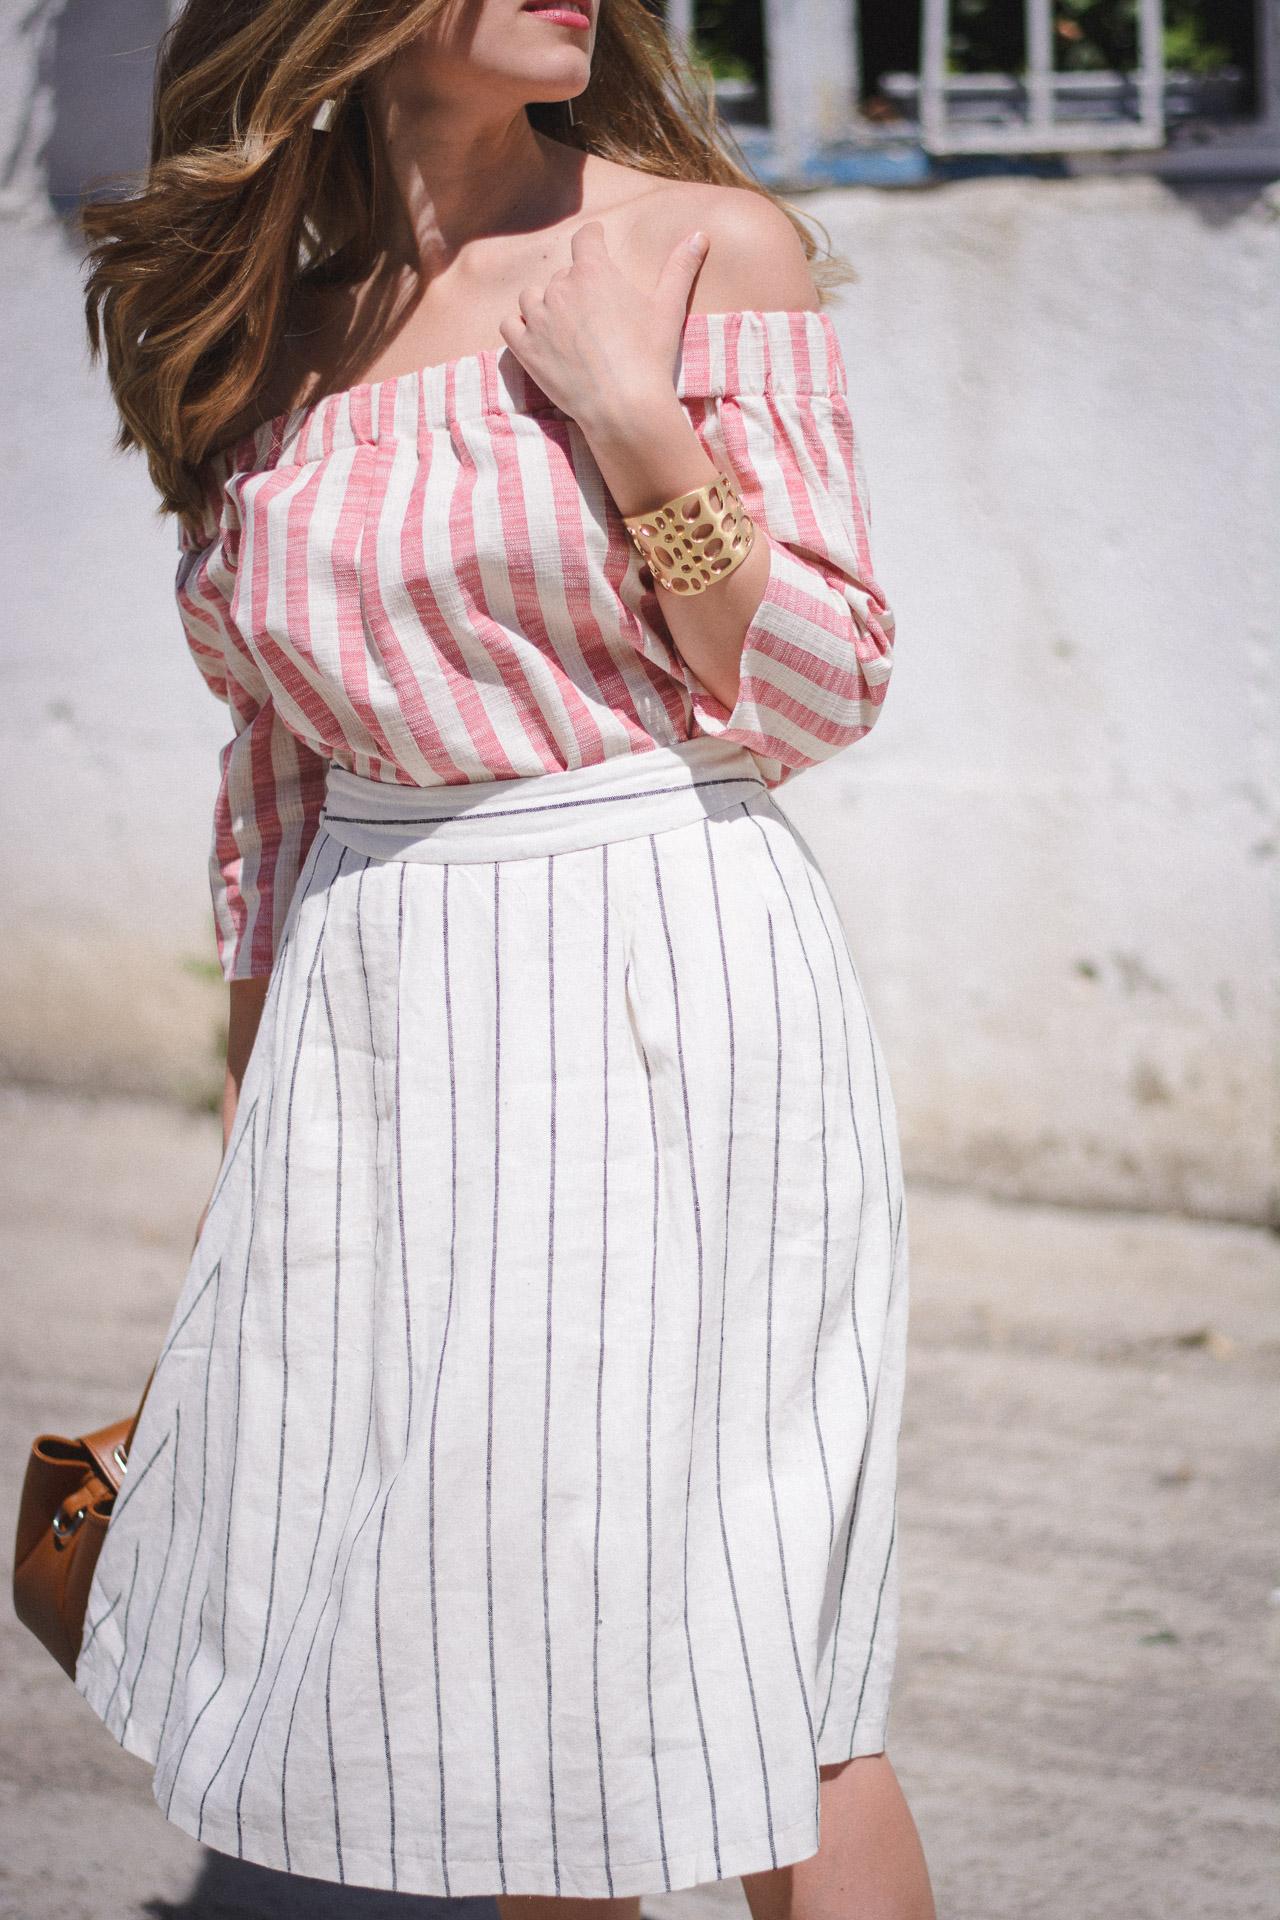 Vero moda skirt top